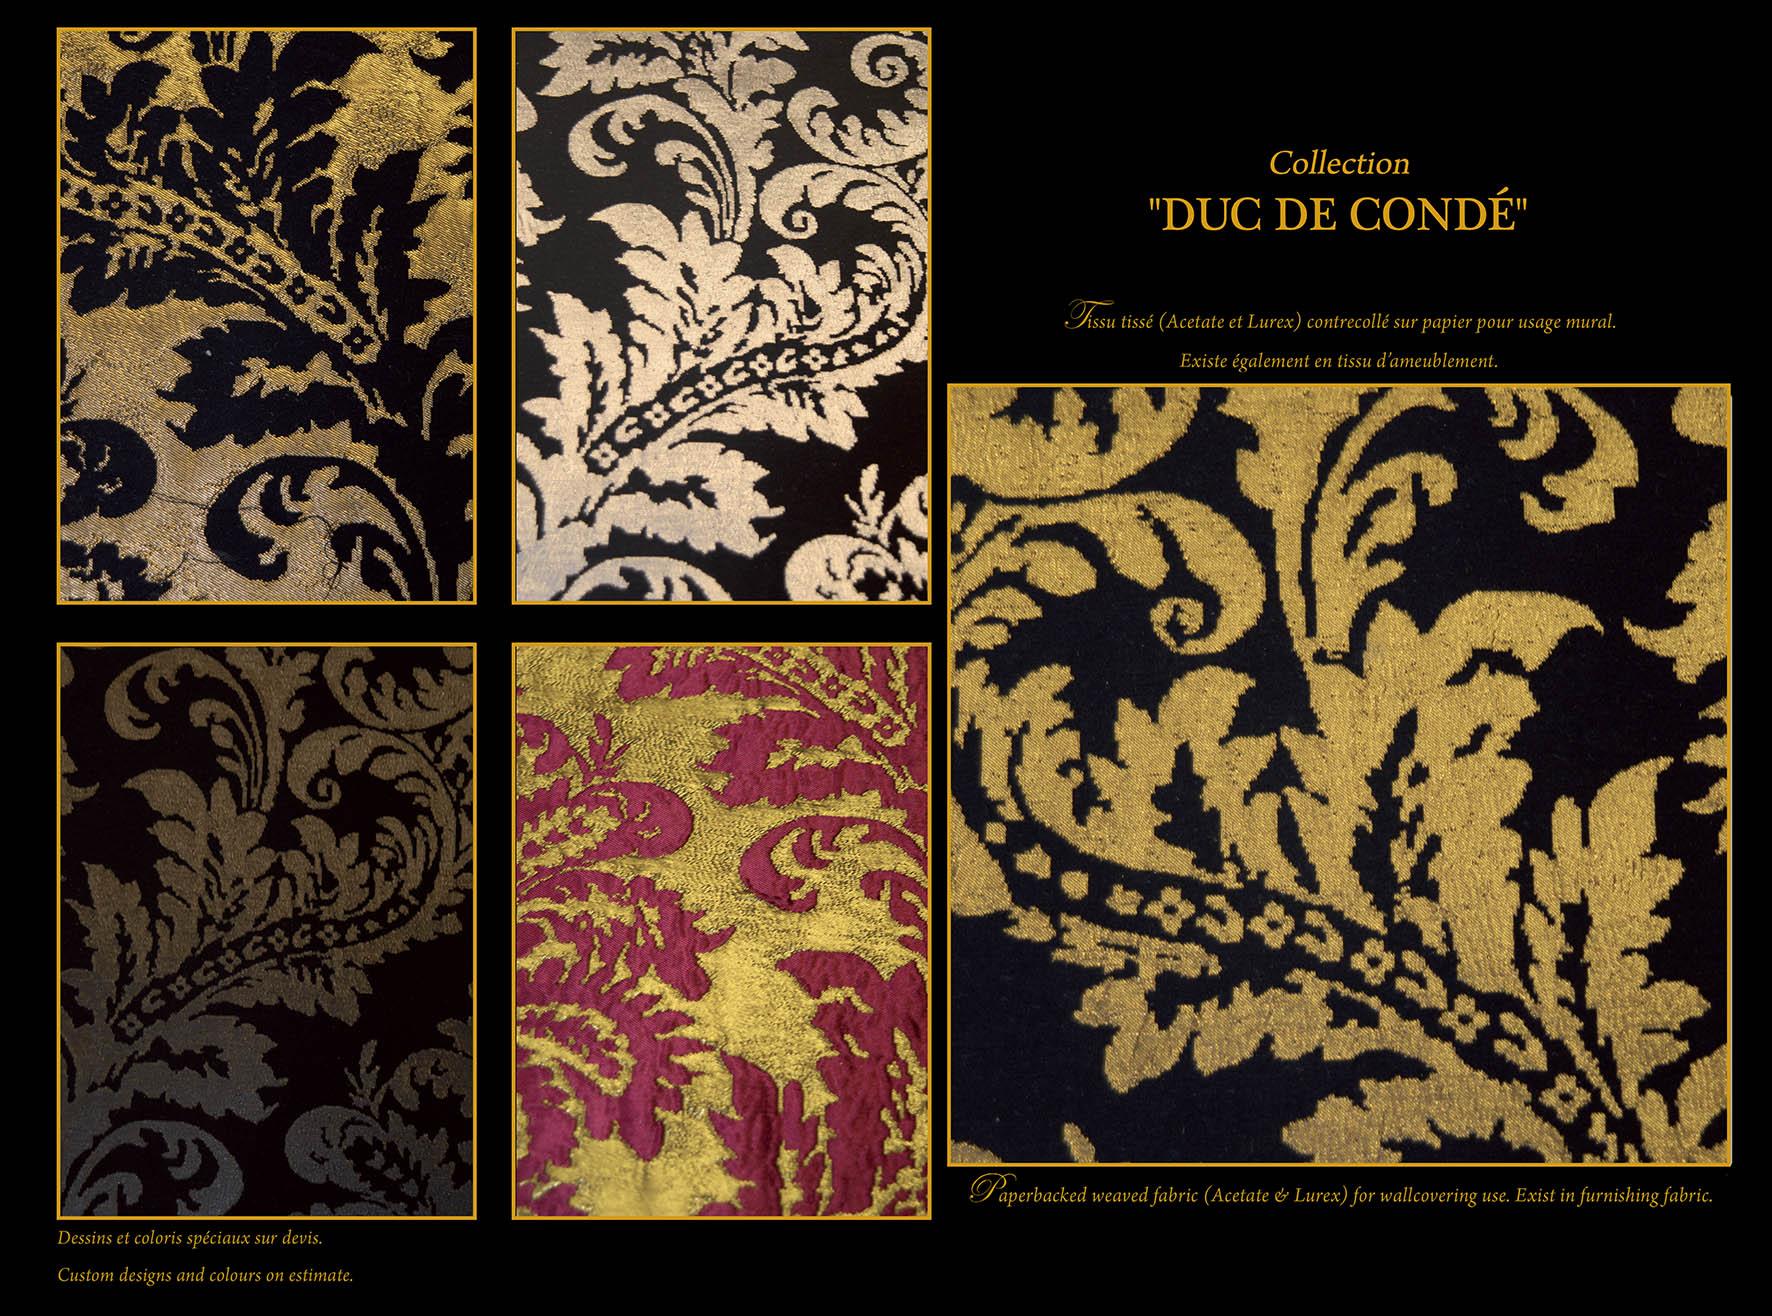 Duc de Condé